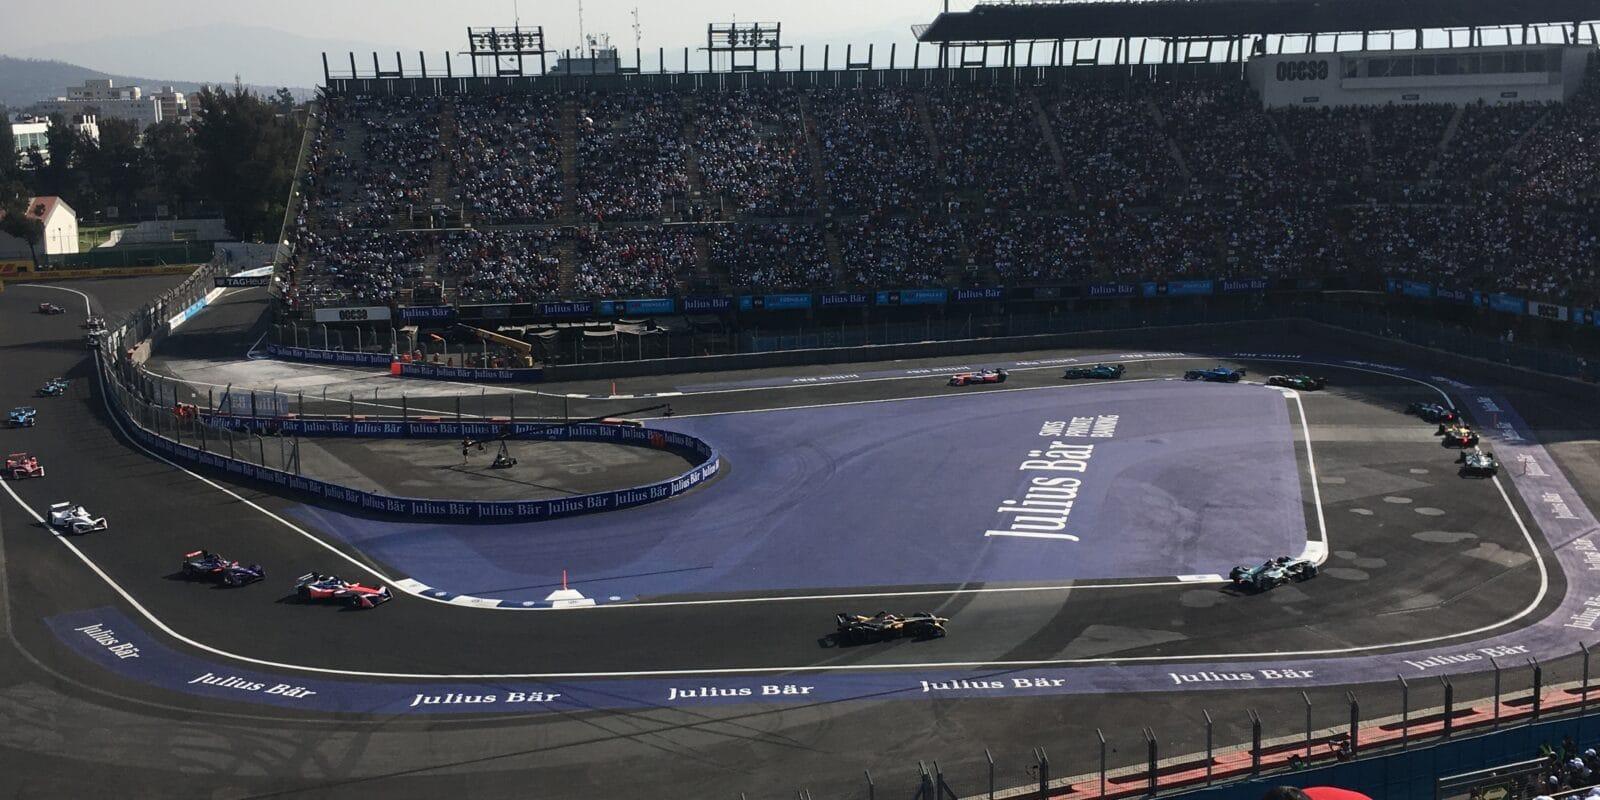 Málo místa: Trať v Mexico City se pro závod FE rozšíří